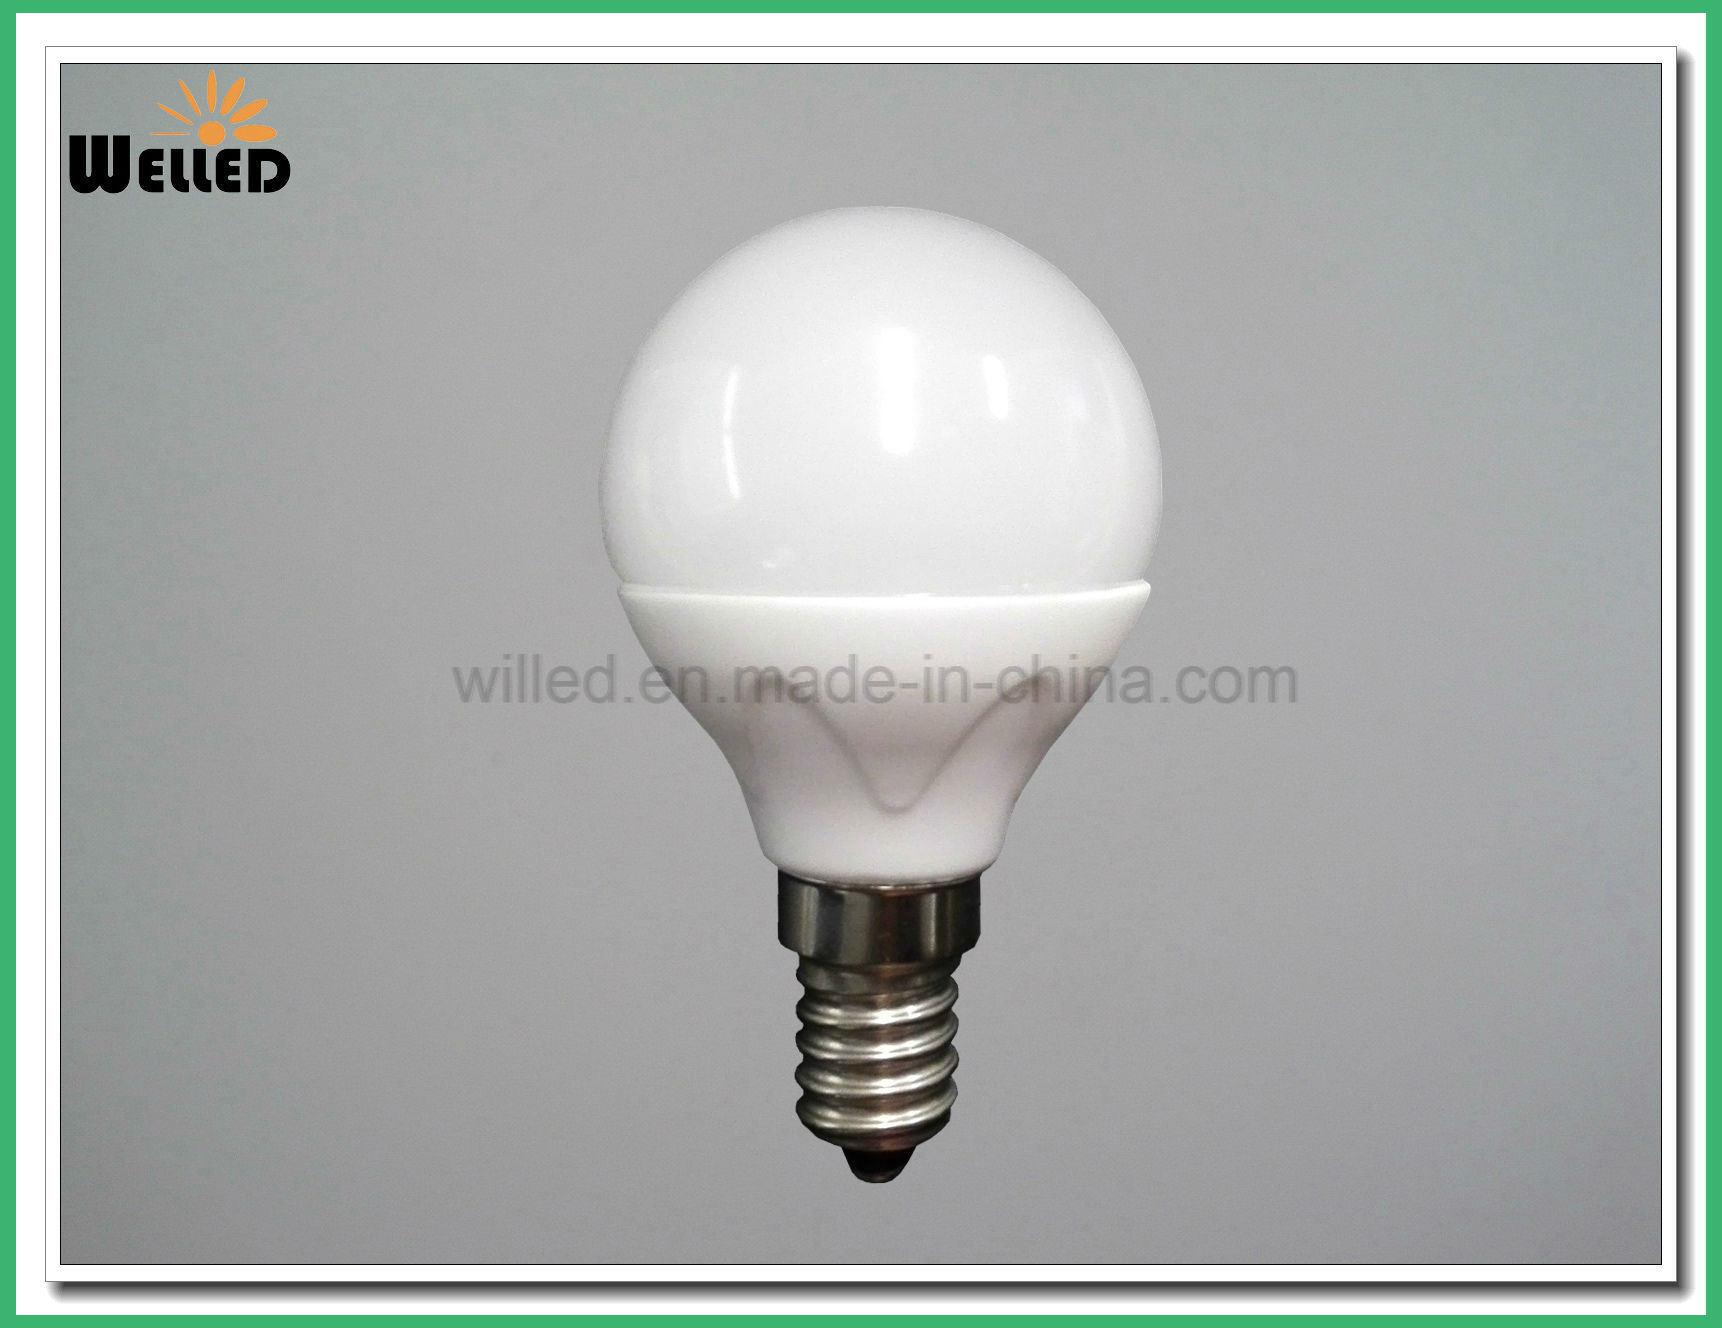 5W G45 P45 Ceramic Vintage Bulb LED Lamp Lights E14 B15